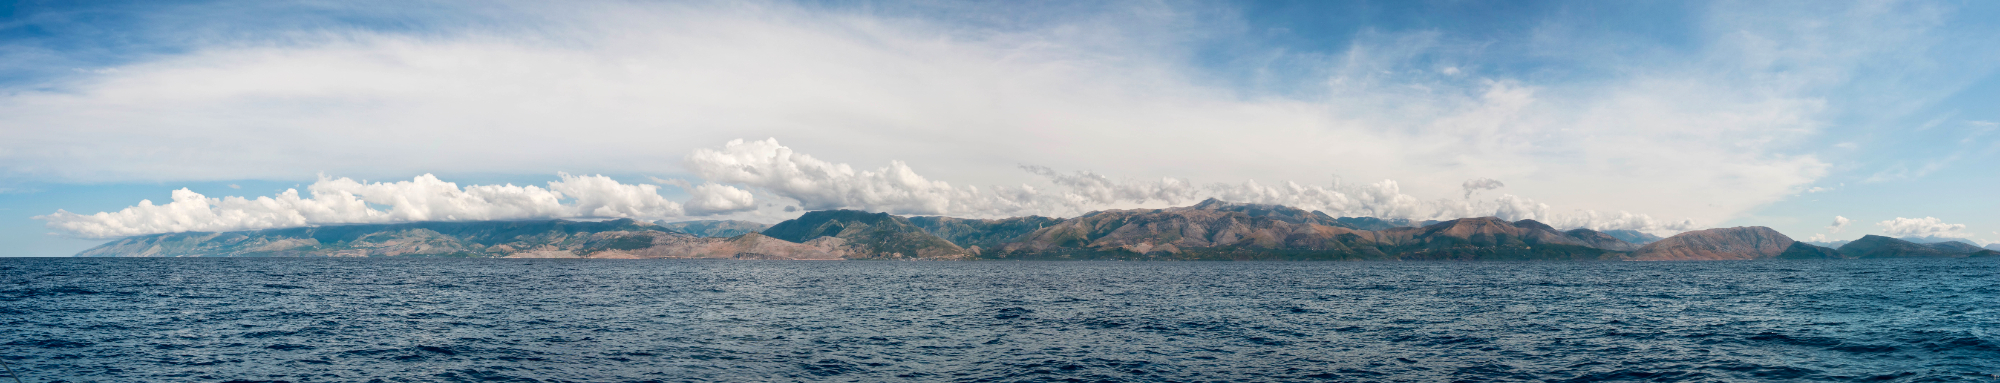 Les montagnes d'Albanie, dans le sud du pays, tombent à pic dans la mer ©Philippe Henry / OCEAN71 Magazine